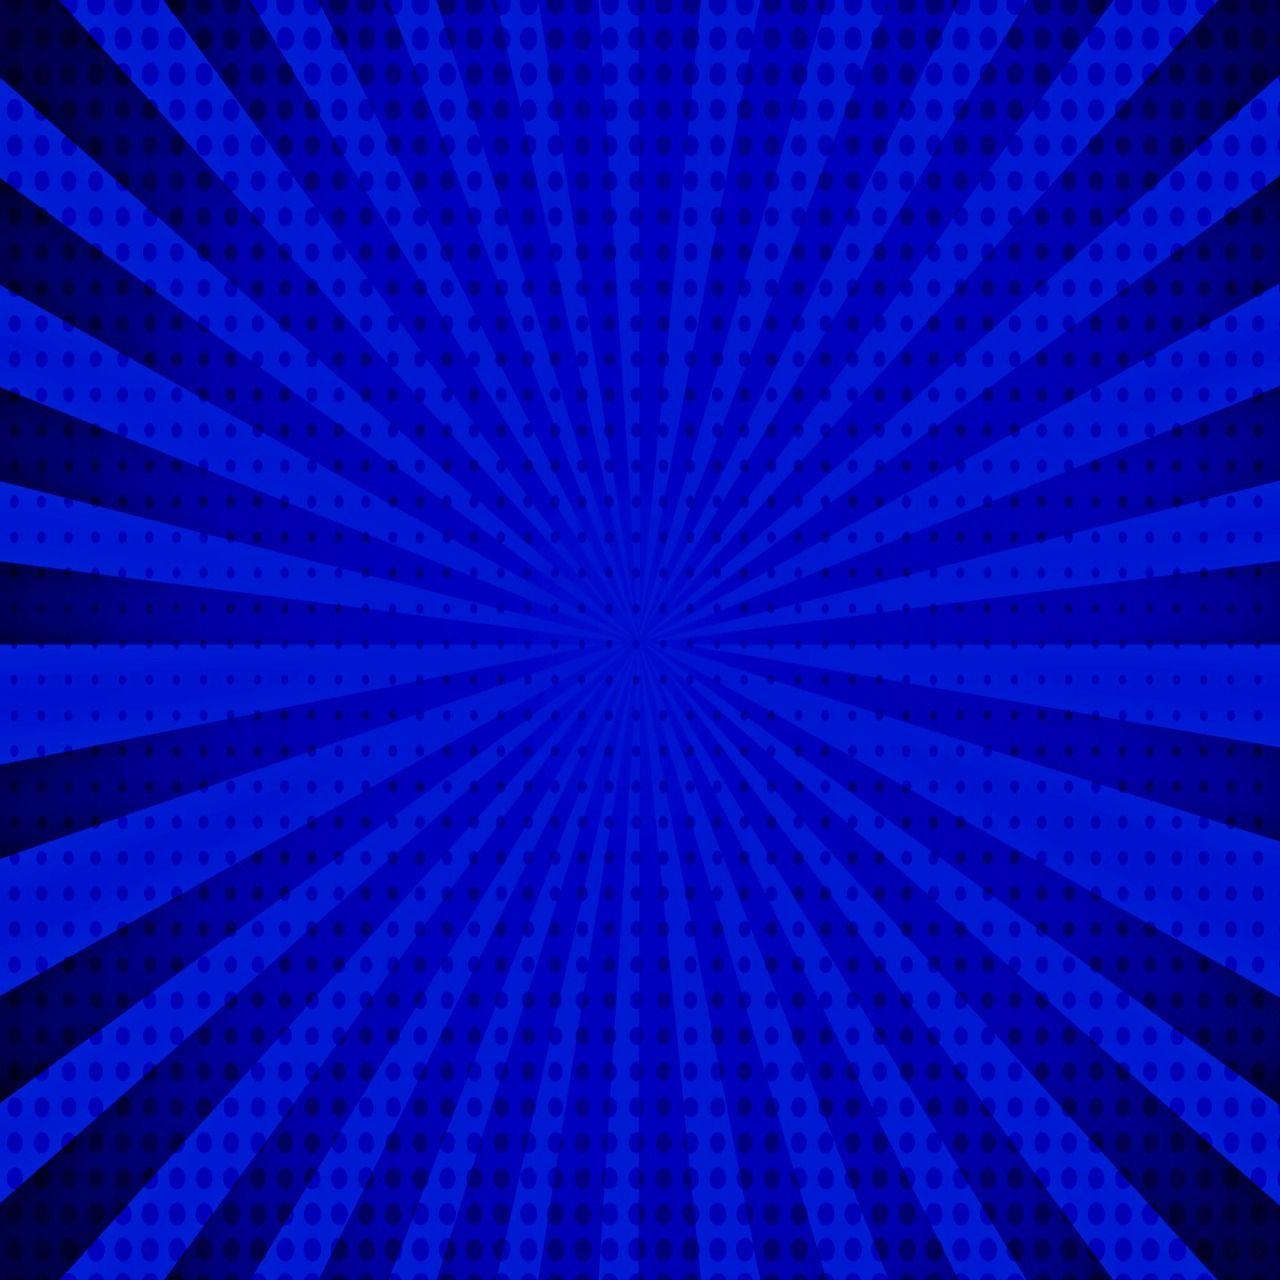 Textura, Rayos, Fondo, Azul